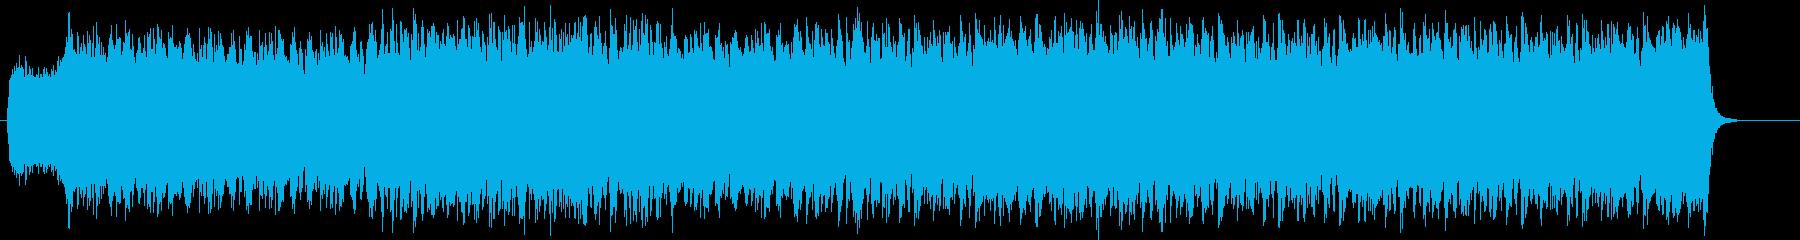 ドキュメント 報道 紀行 不思議 探検の再生済みの波形